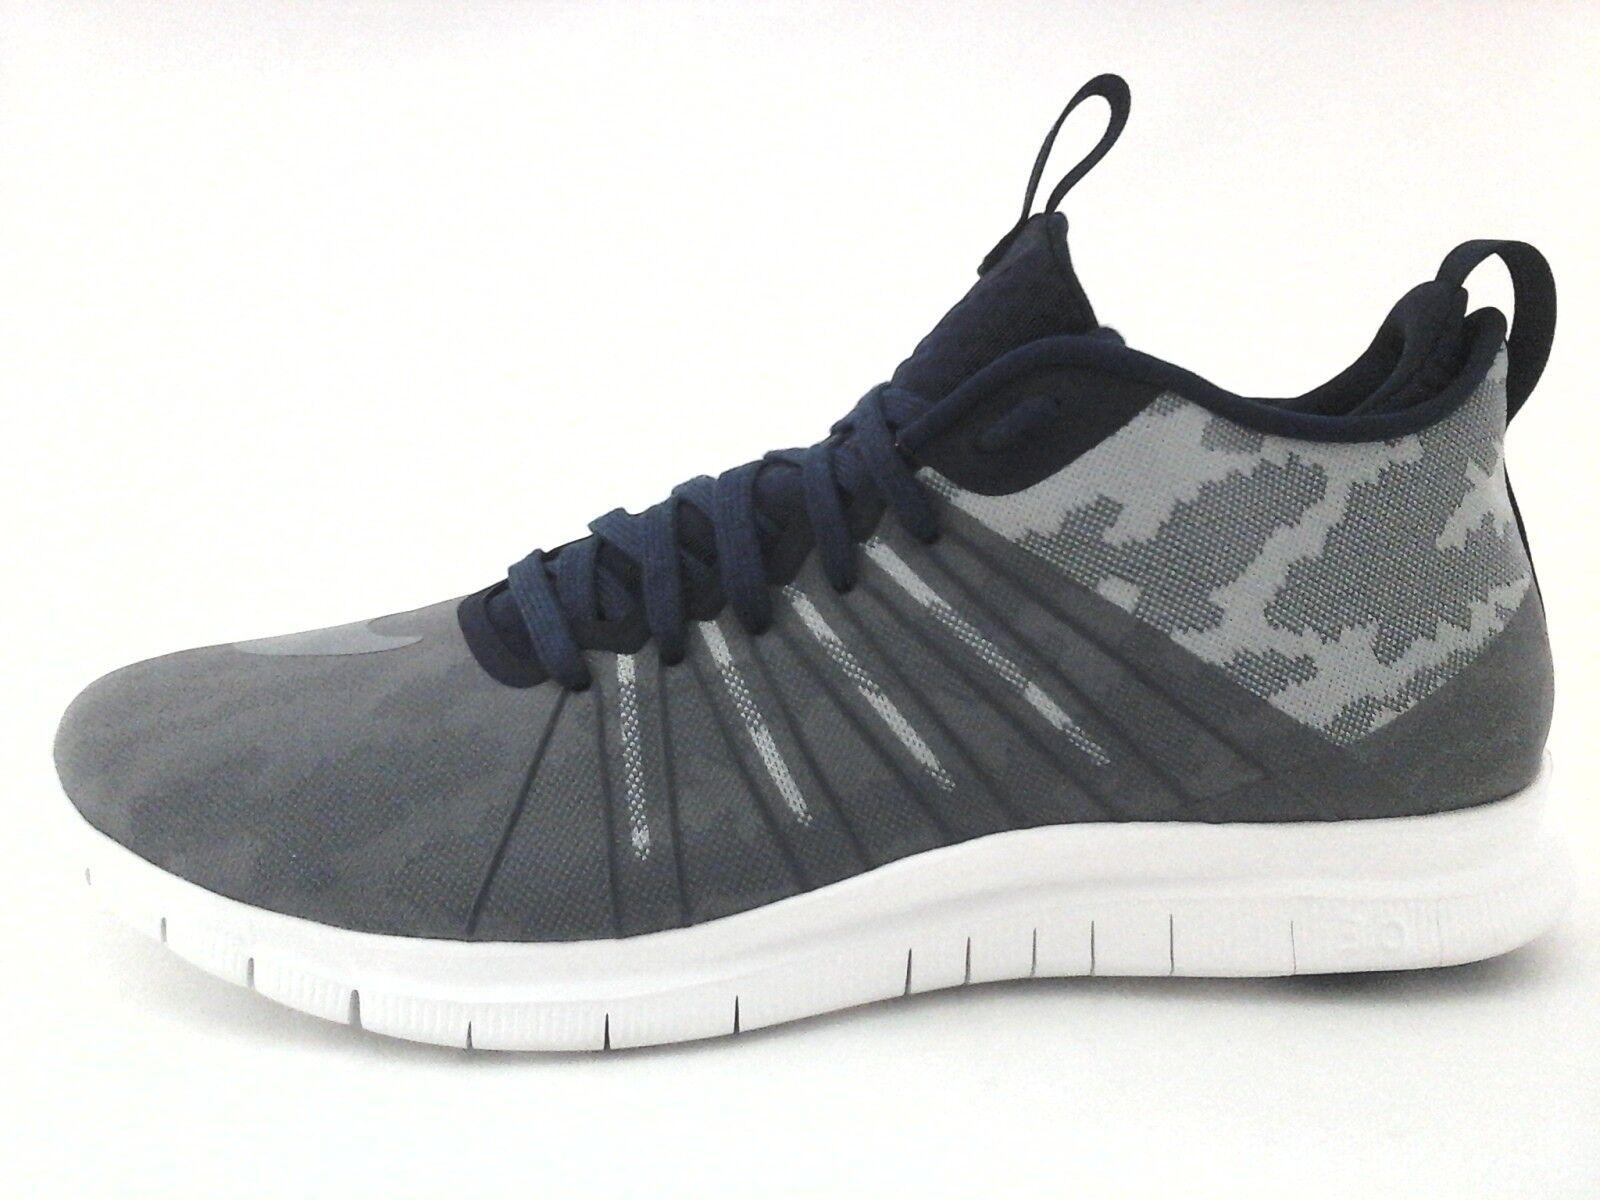 Nike F.C. Hypervenom 2 Free Chaussures 3.0 747140-003 Hommes Training Chaussures Free US 12 EU 46 New 99ae2f